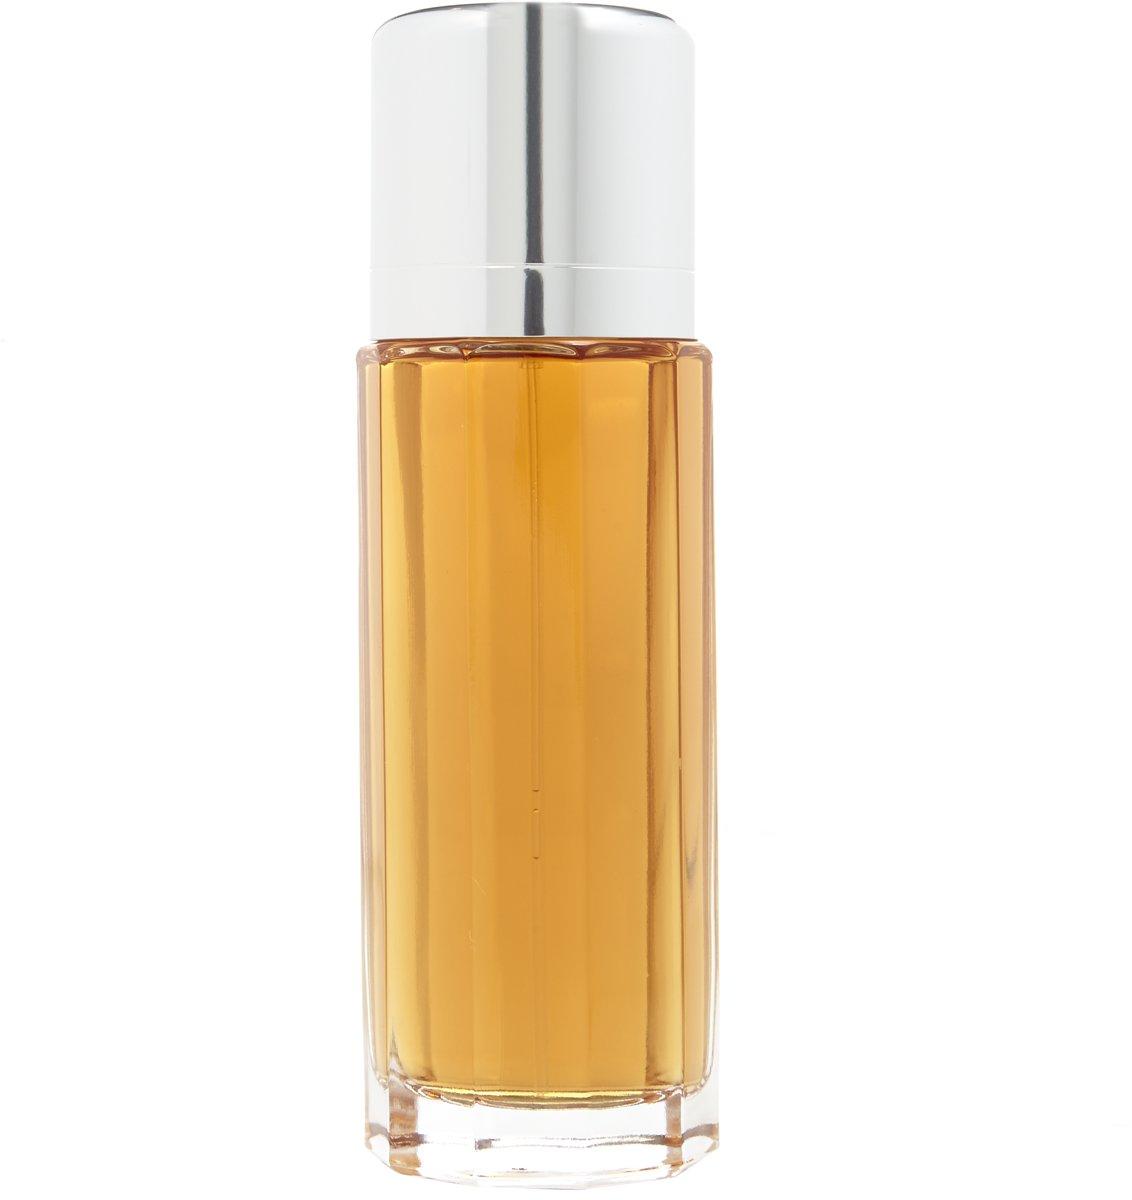 Calvin Klein Escape 100 ml - Eau de parfum - for Women thumbnail